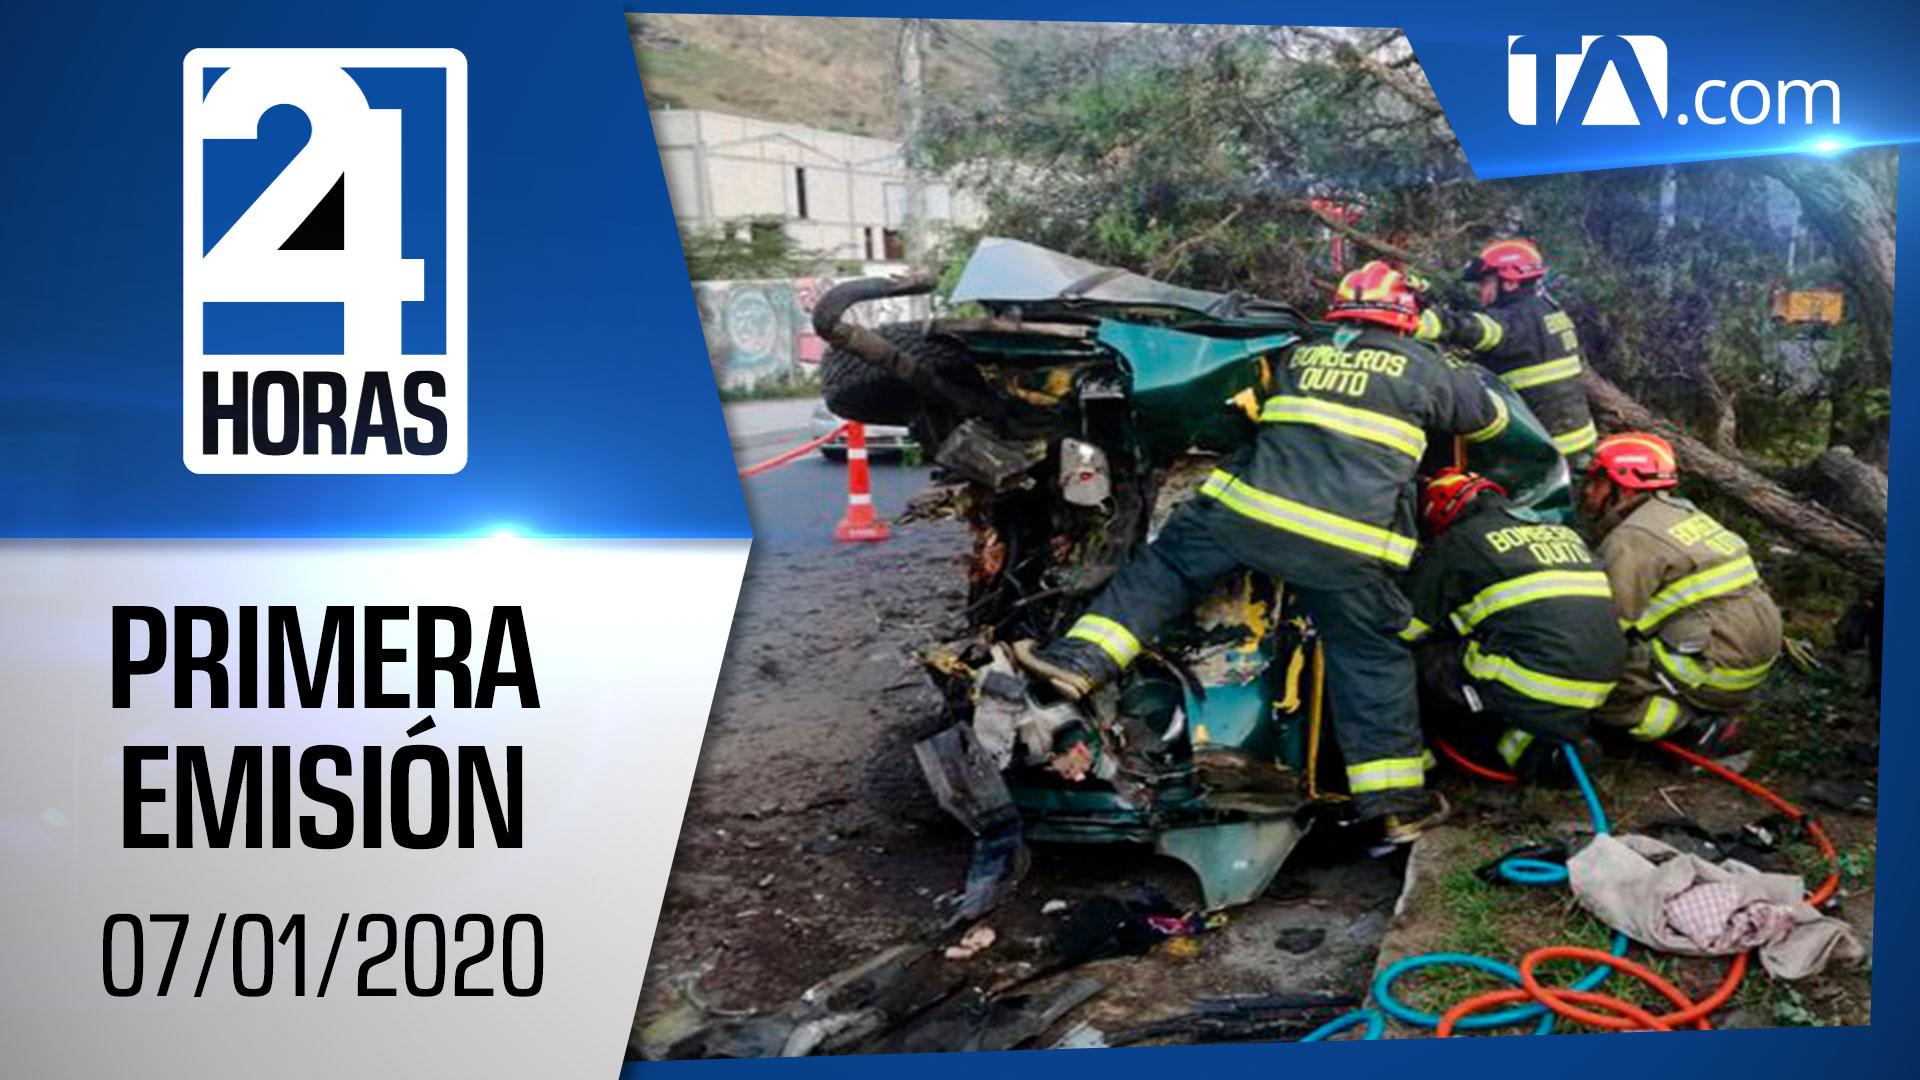 Noticias Ecuador: Noticiero 24 Horas 07/01/2020 (Primera Emisión)